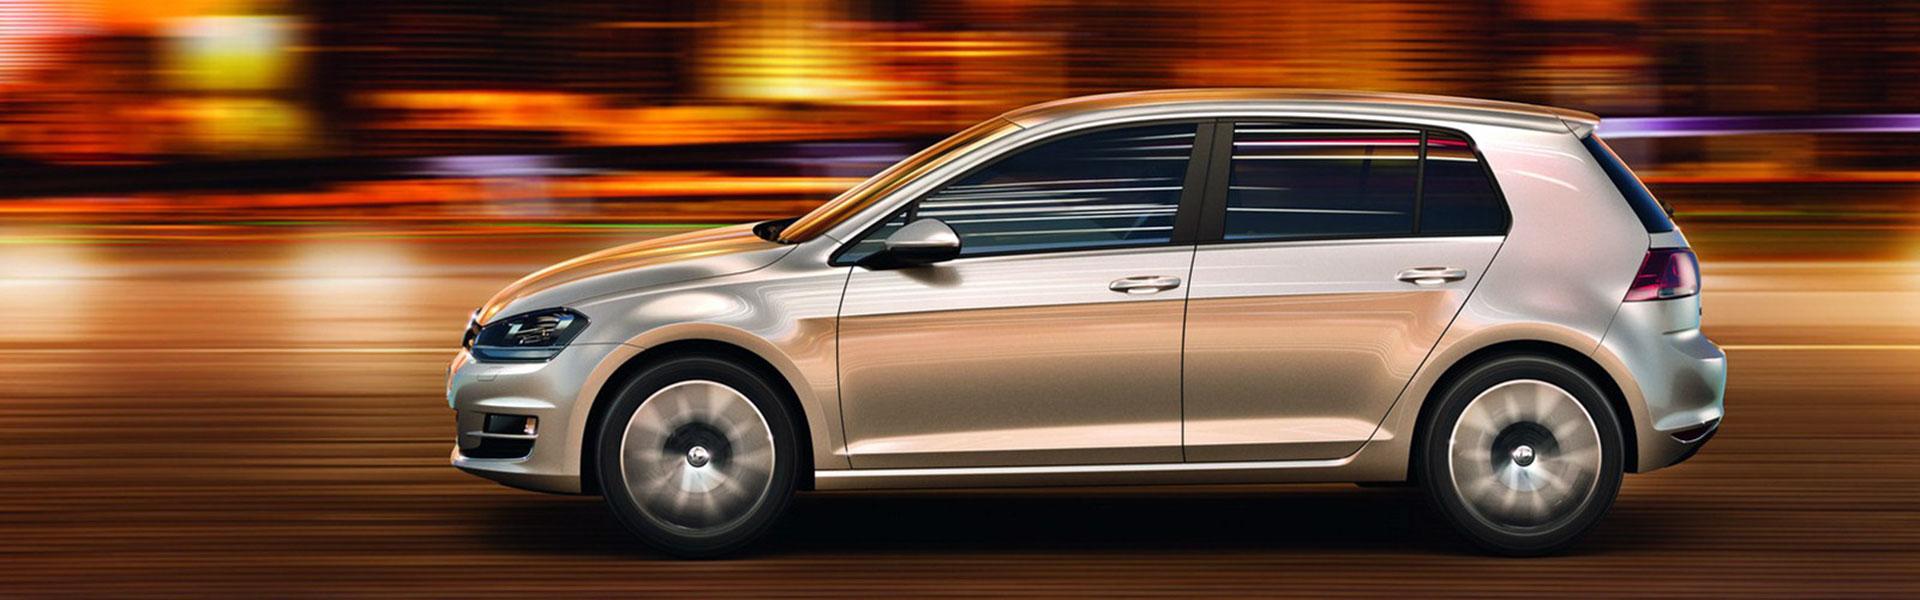 Αυτοκίνητα - Audi, Volkswagen, Skoda